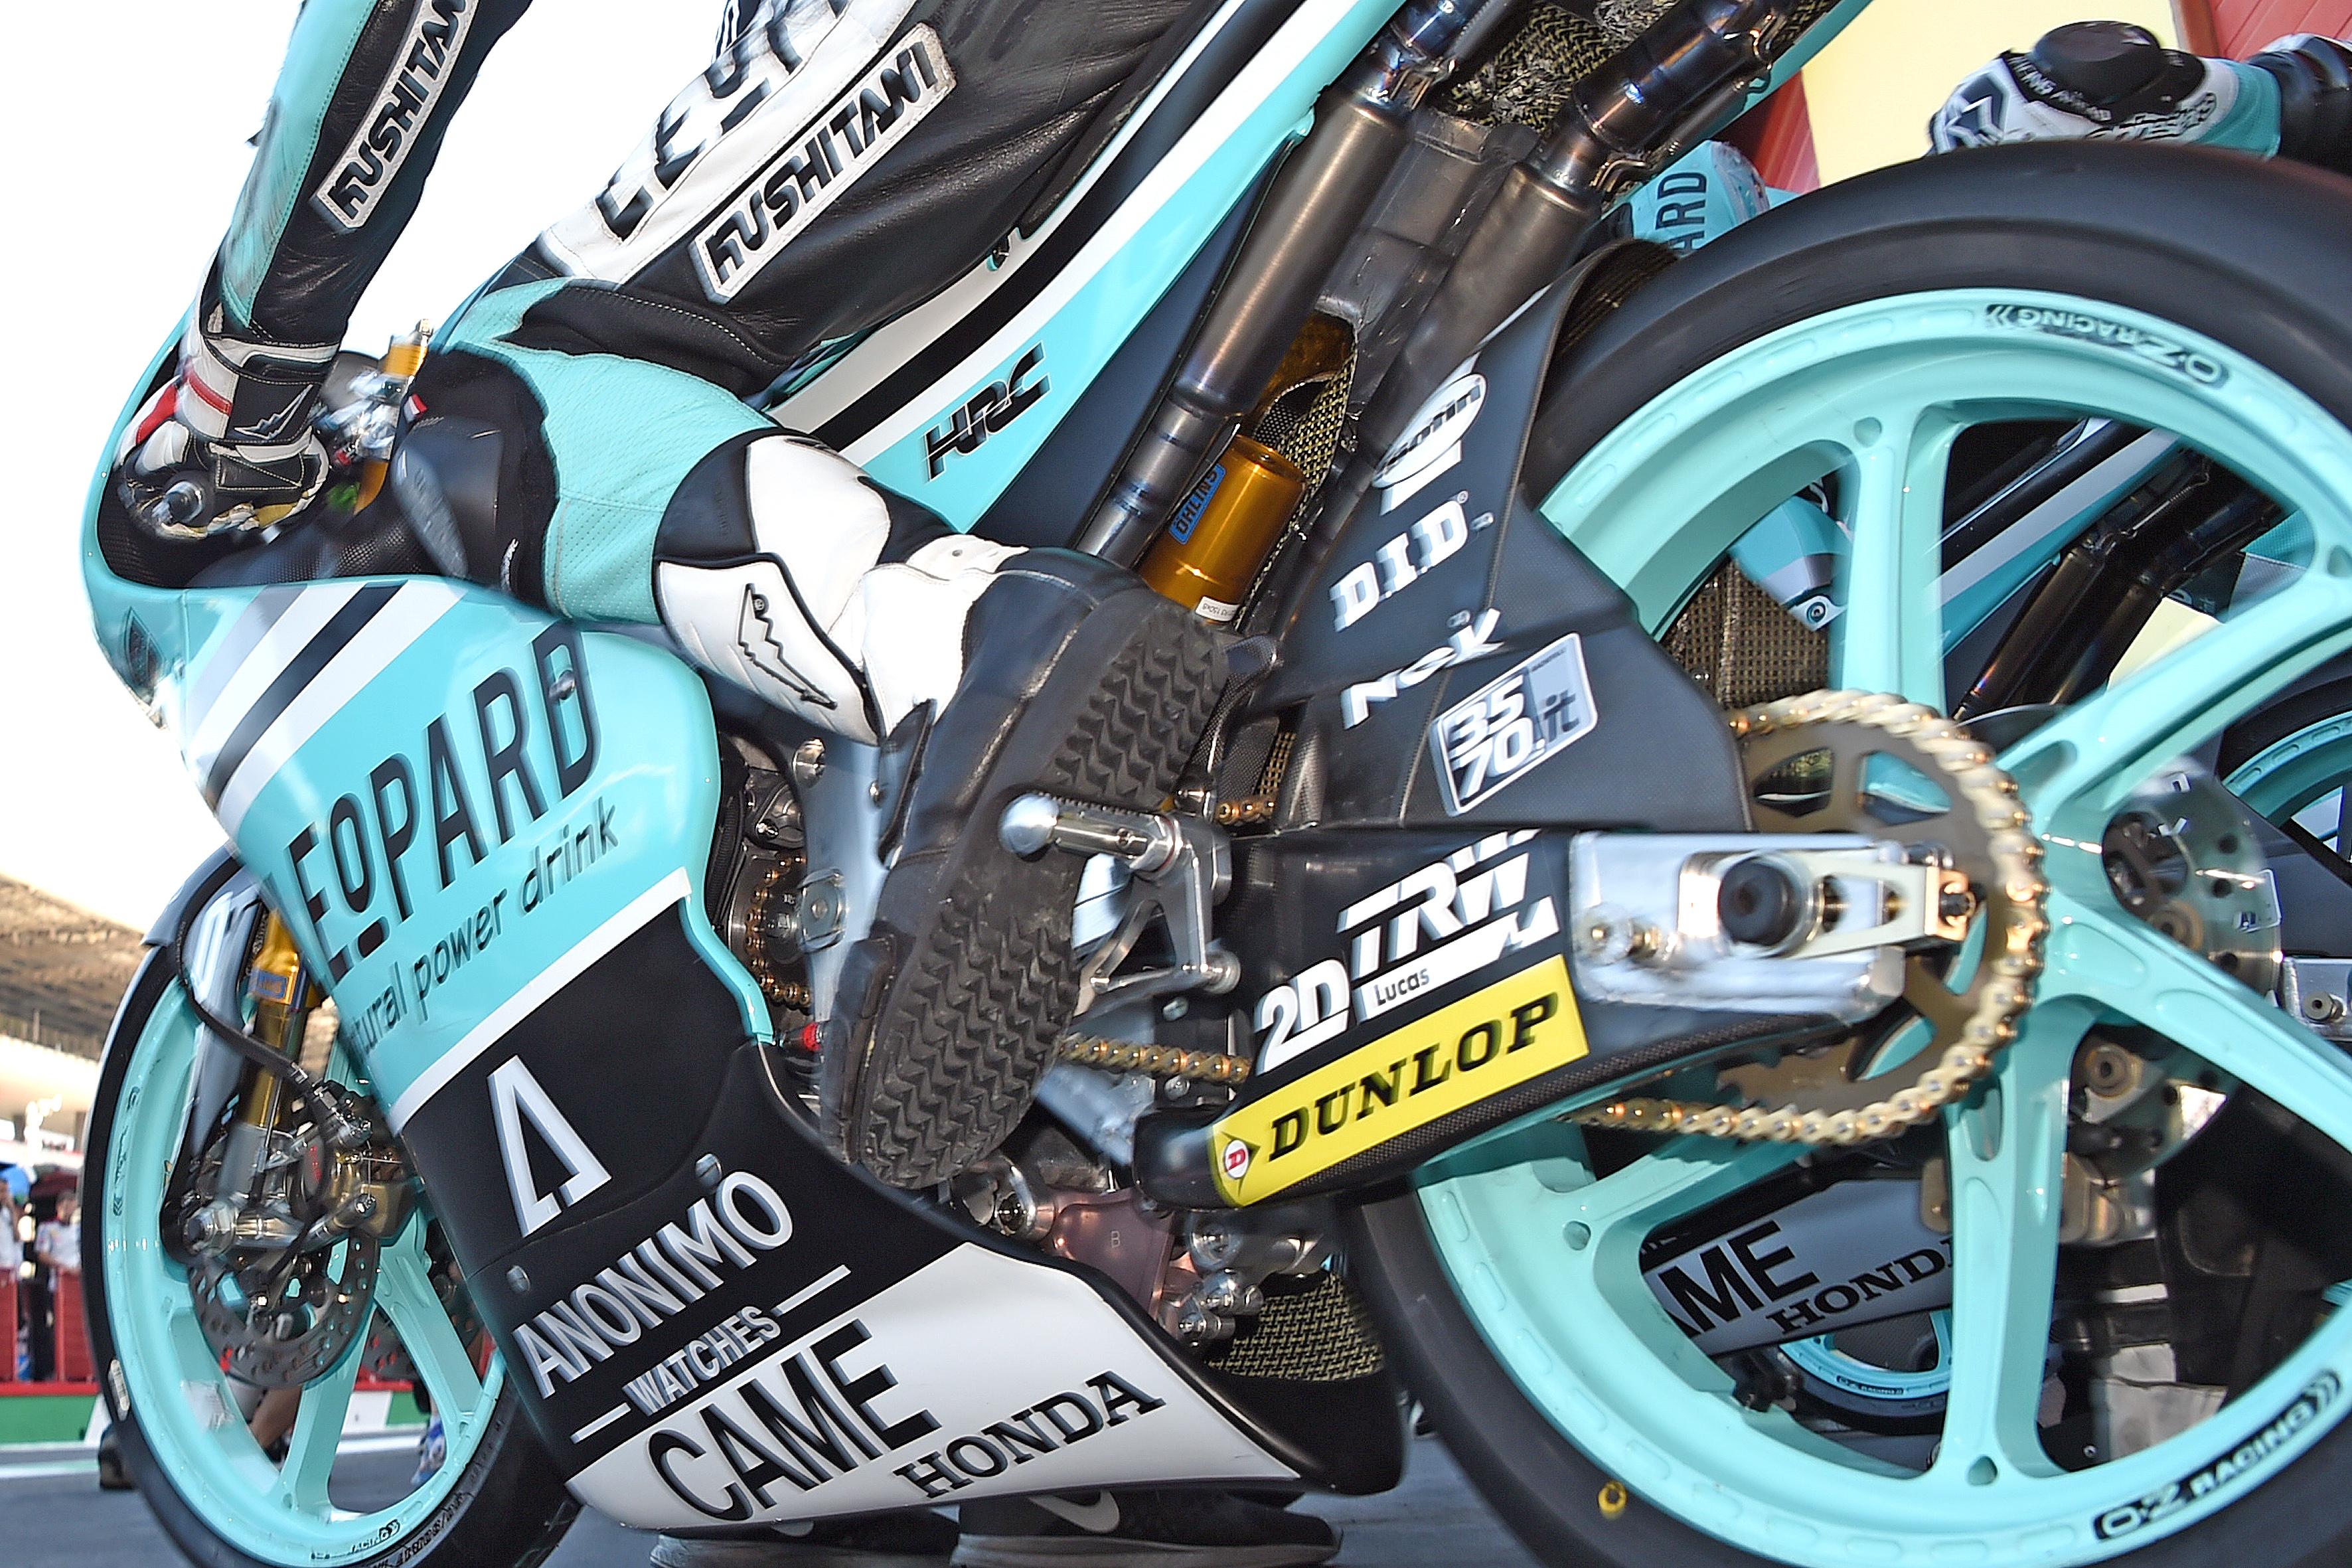 Bildnachweis: Friedrich Weisse -msd- Belegexemplar an:  Friedrich Weisse Georg-BŸchner-Str.: 8 D-68519 V i e r n h e i m Tel.:+49 6204 4486 Mobil: +49 163 7889077 email: info@motorradrennen.com Honorarpflichtig gem. MFM